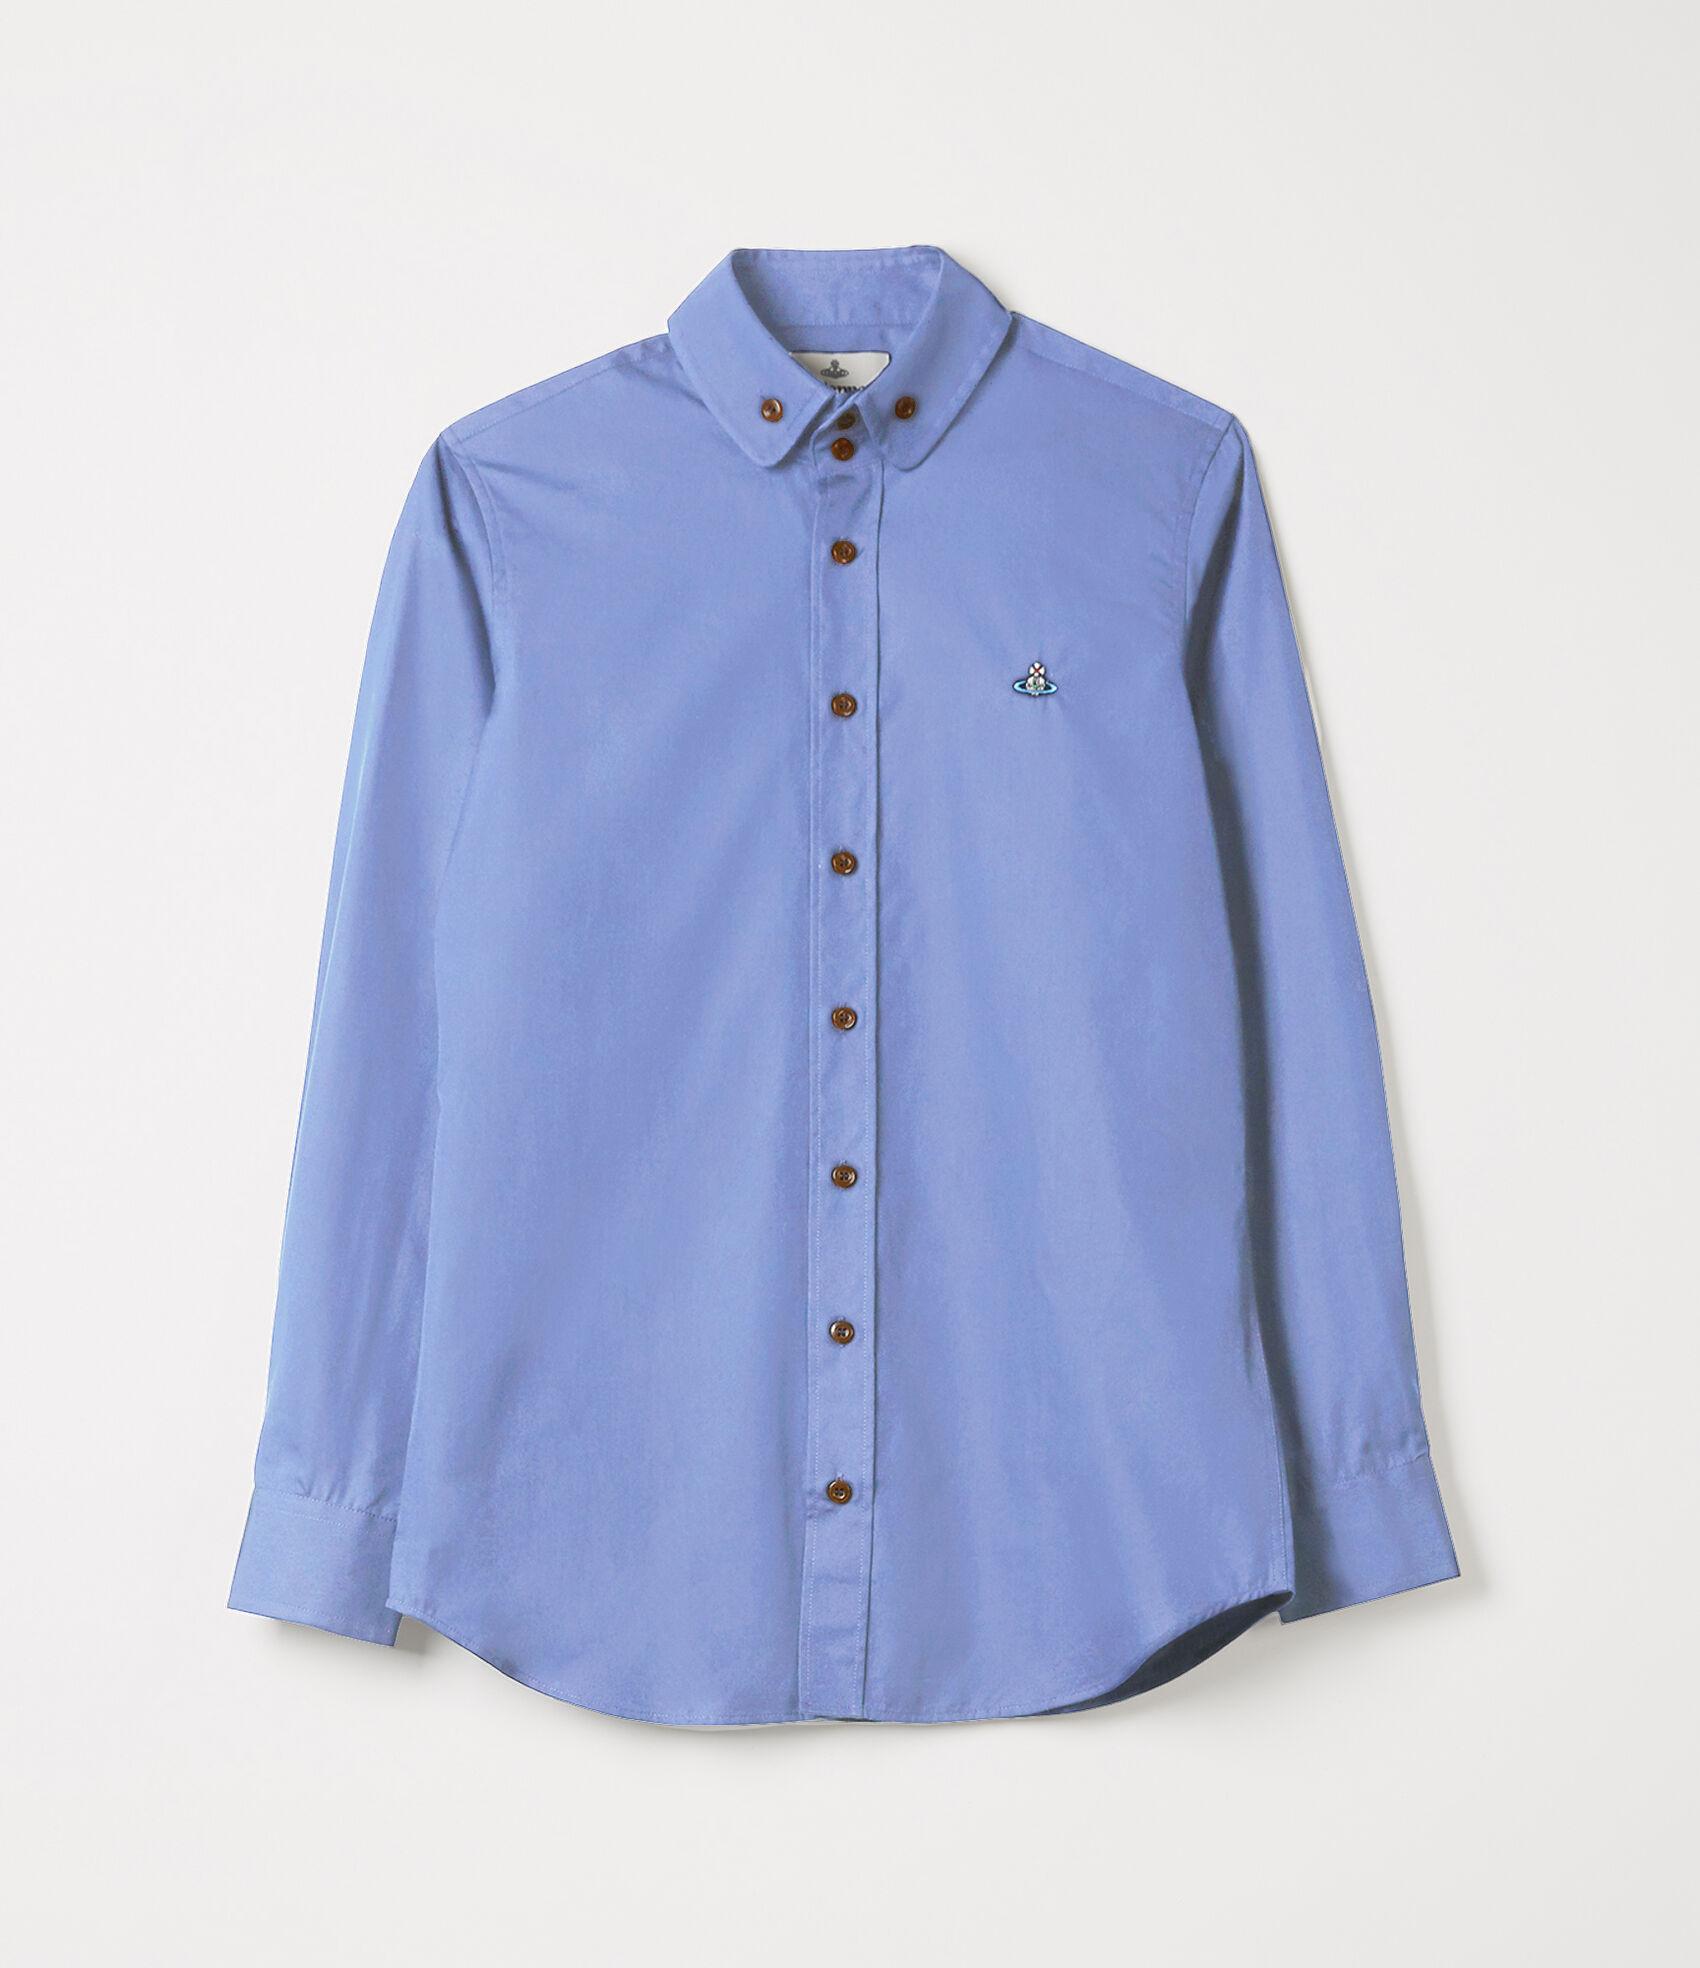 041e842c685a3 Vivienne Westwood Men's Designer Shirts | Men's Shirt | Vivienne ...